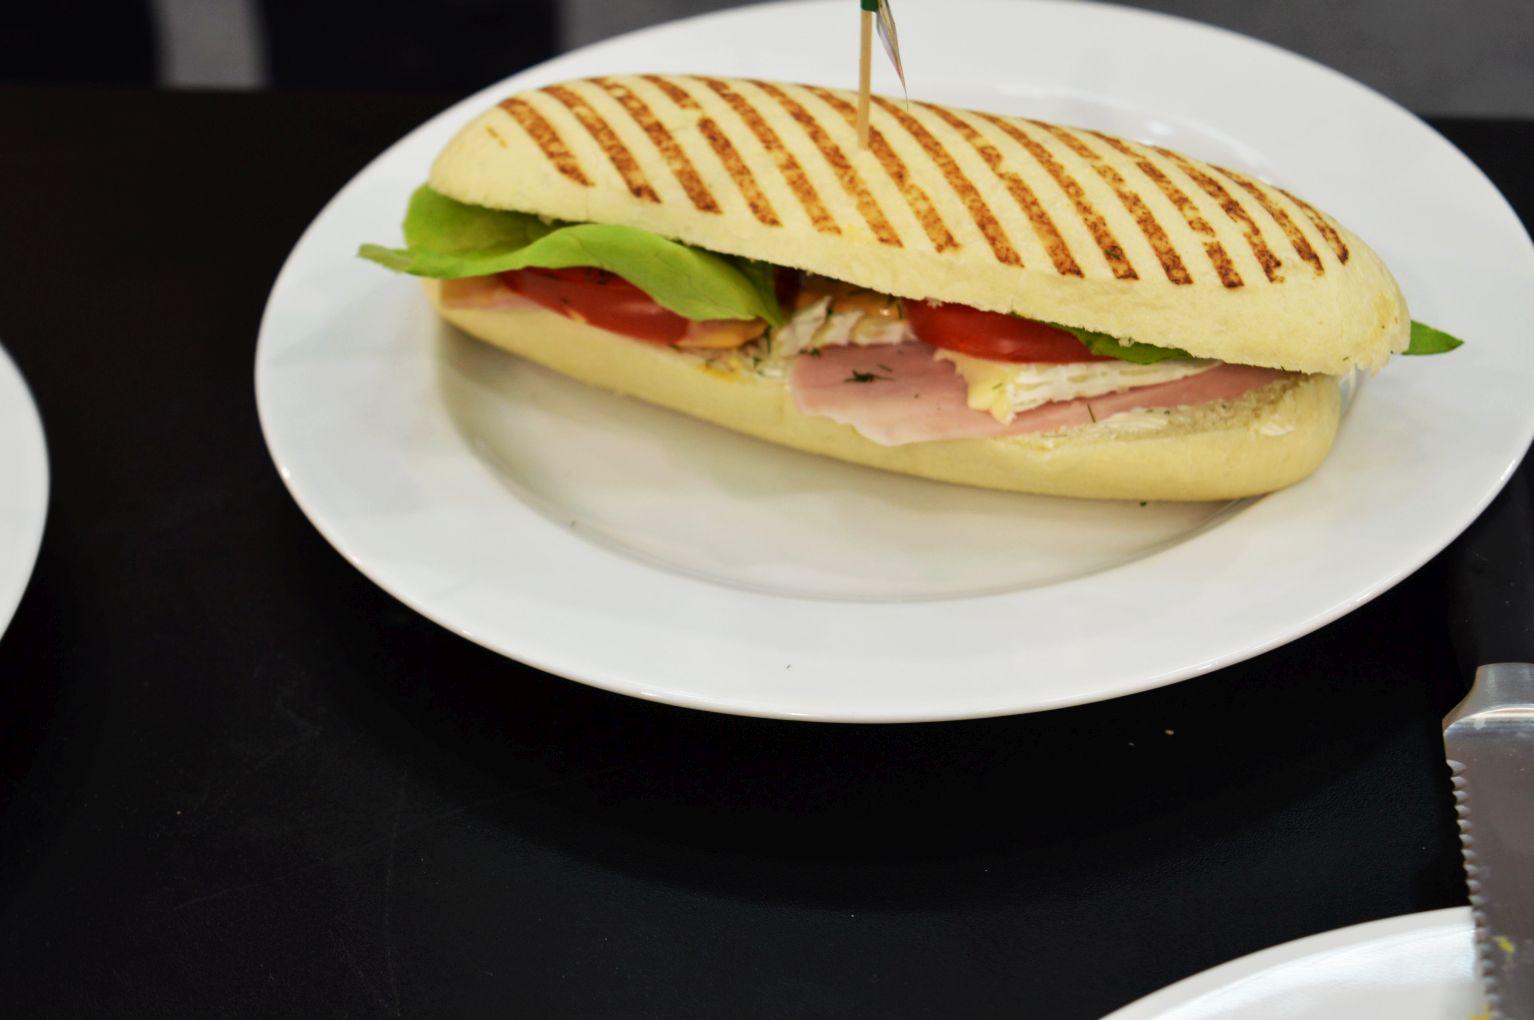 Sarbatoarea_Gustului_Cupa_de_Sandwich_33